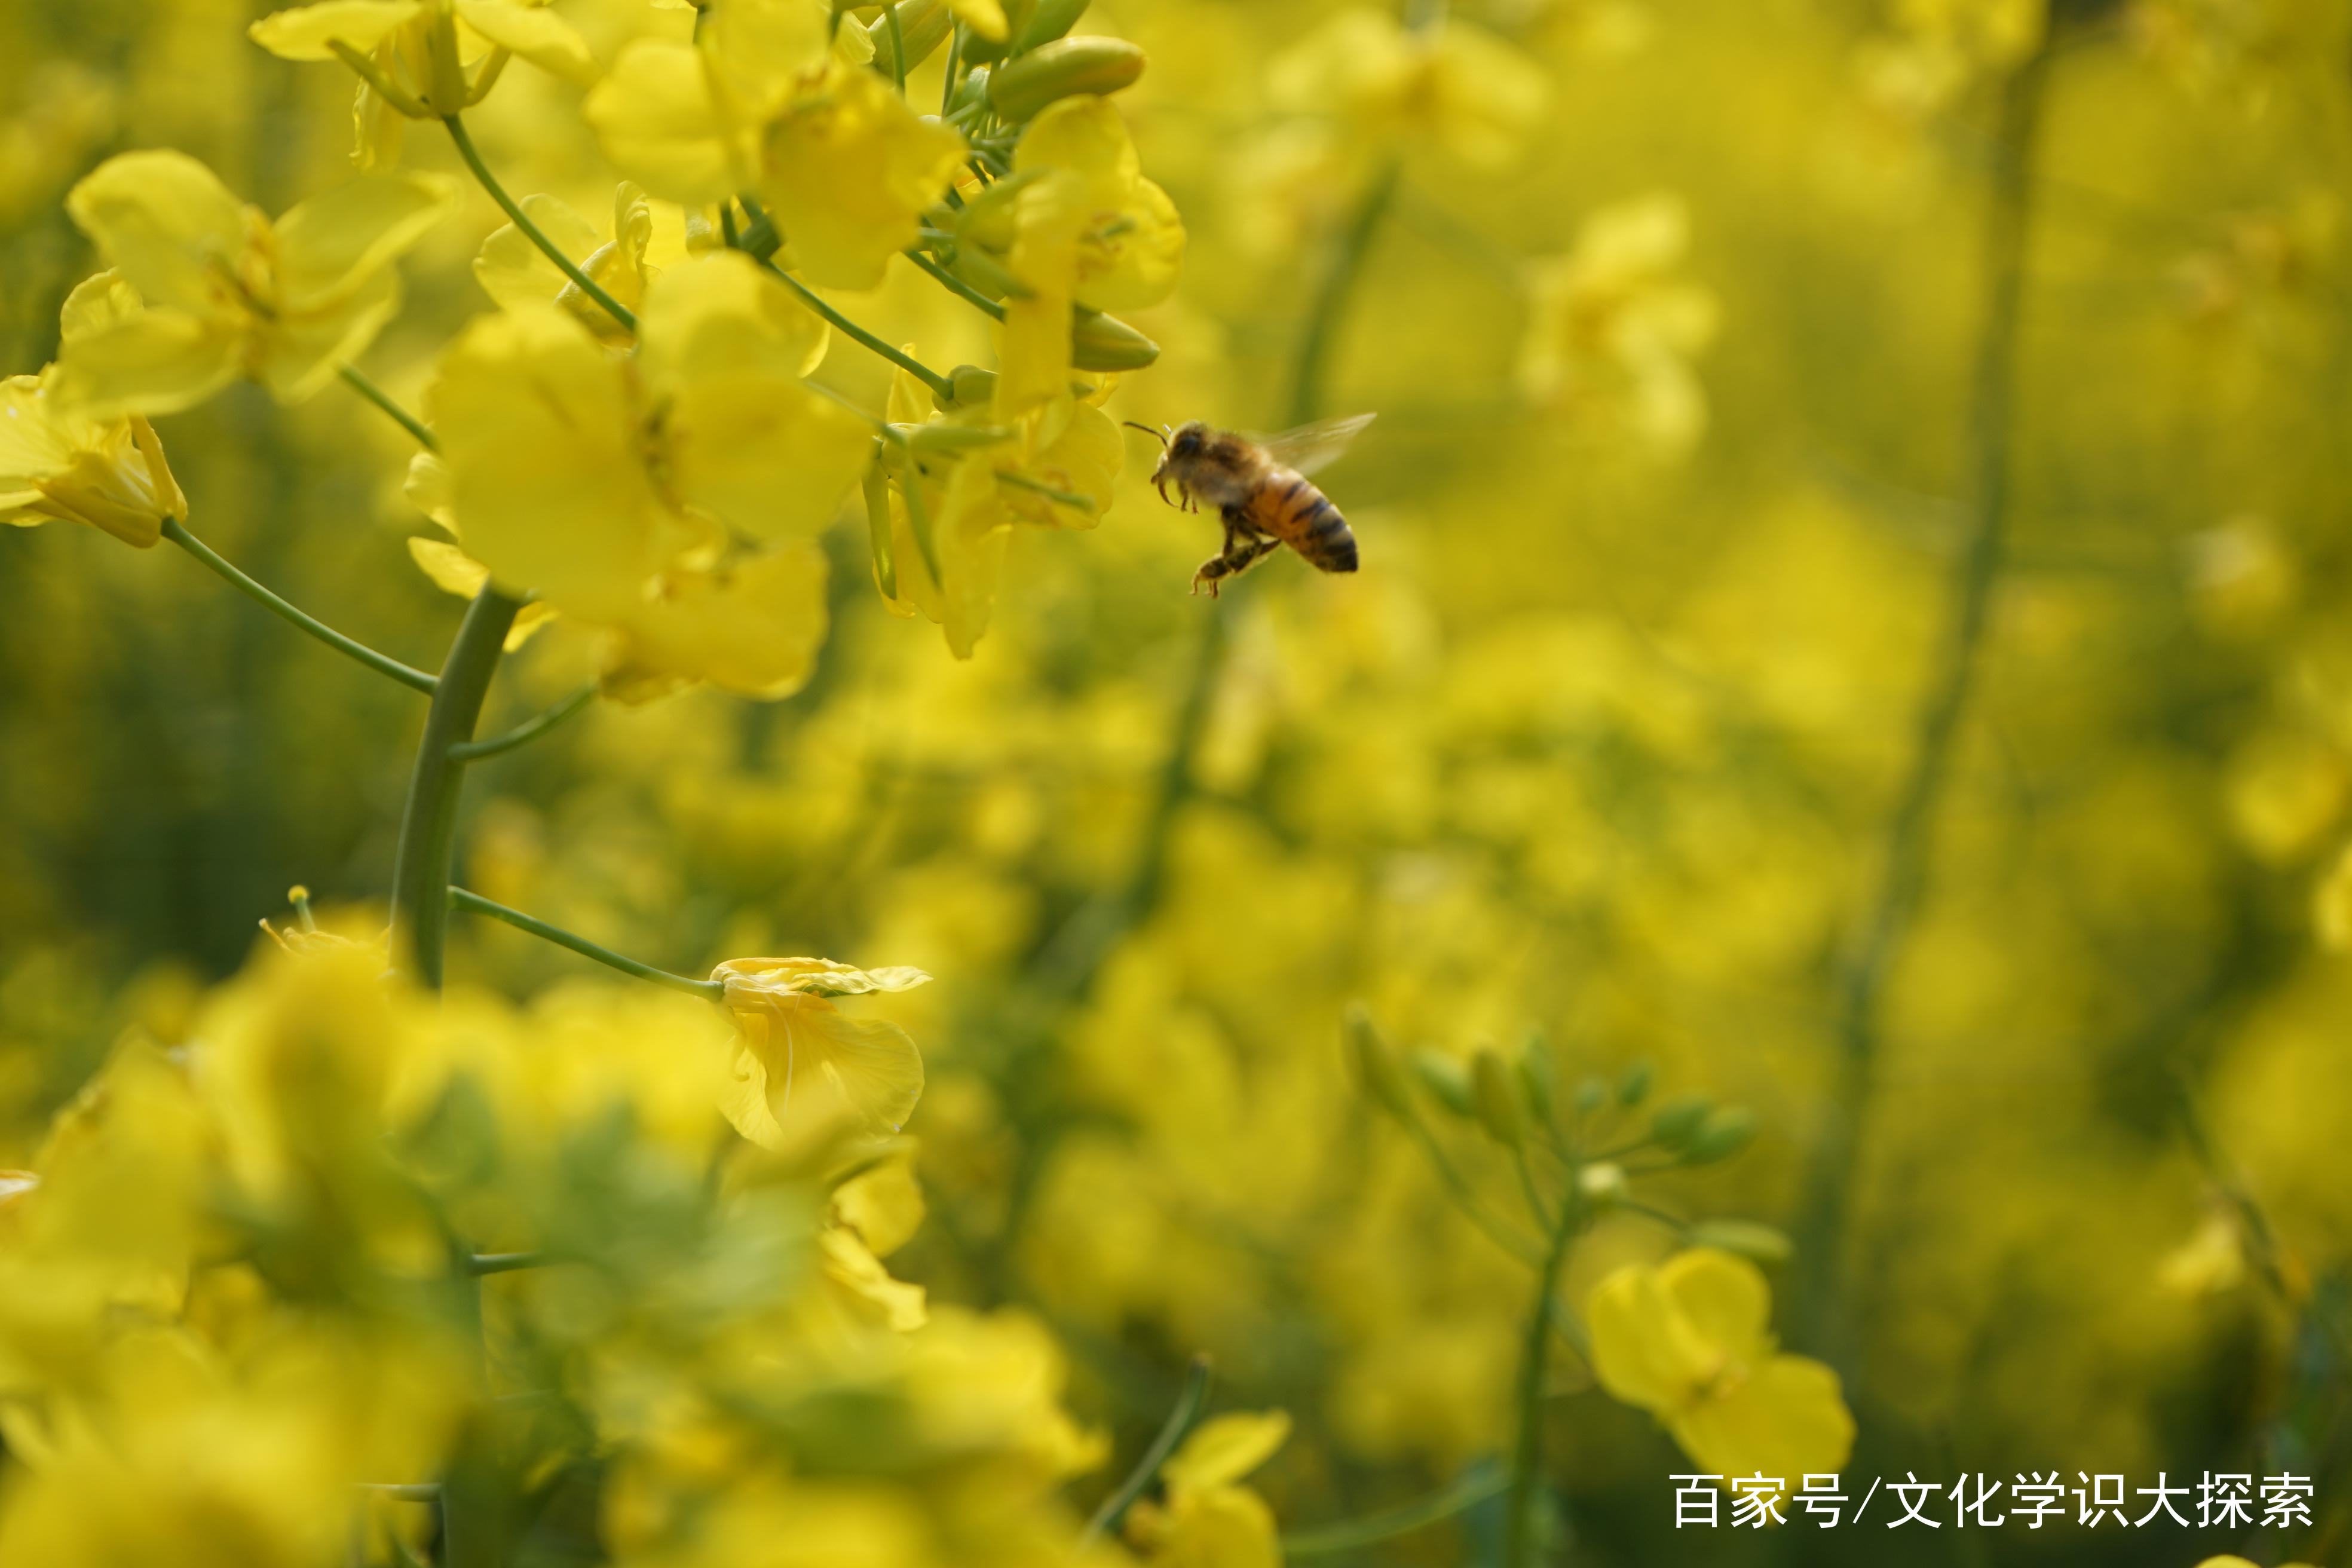 """农村俗语:""""春分有雨到清明,清明下雨无路行"""",说出农民"""